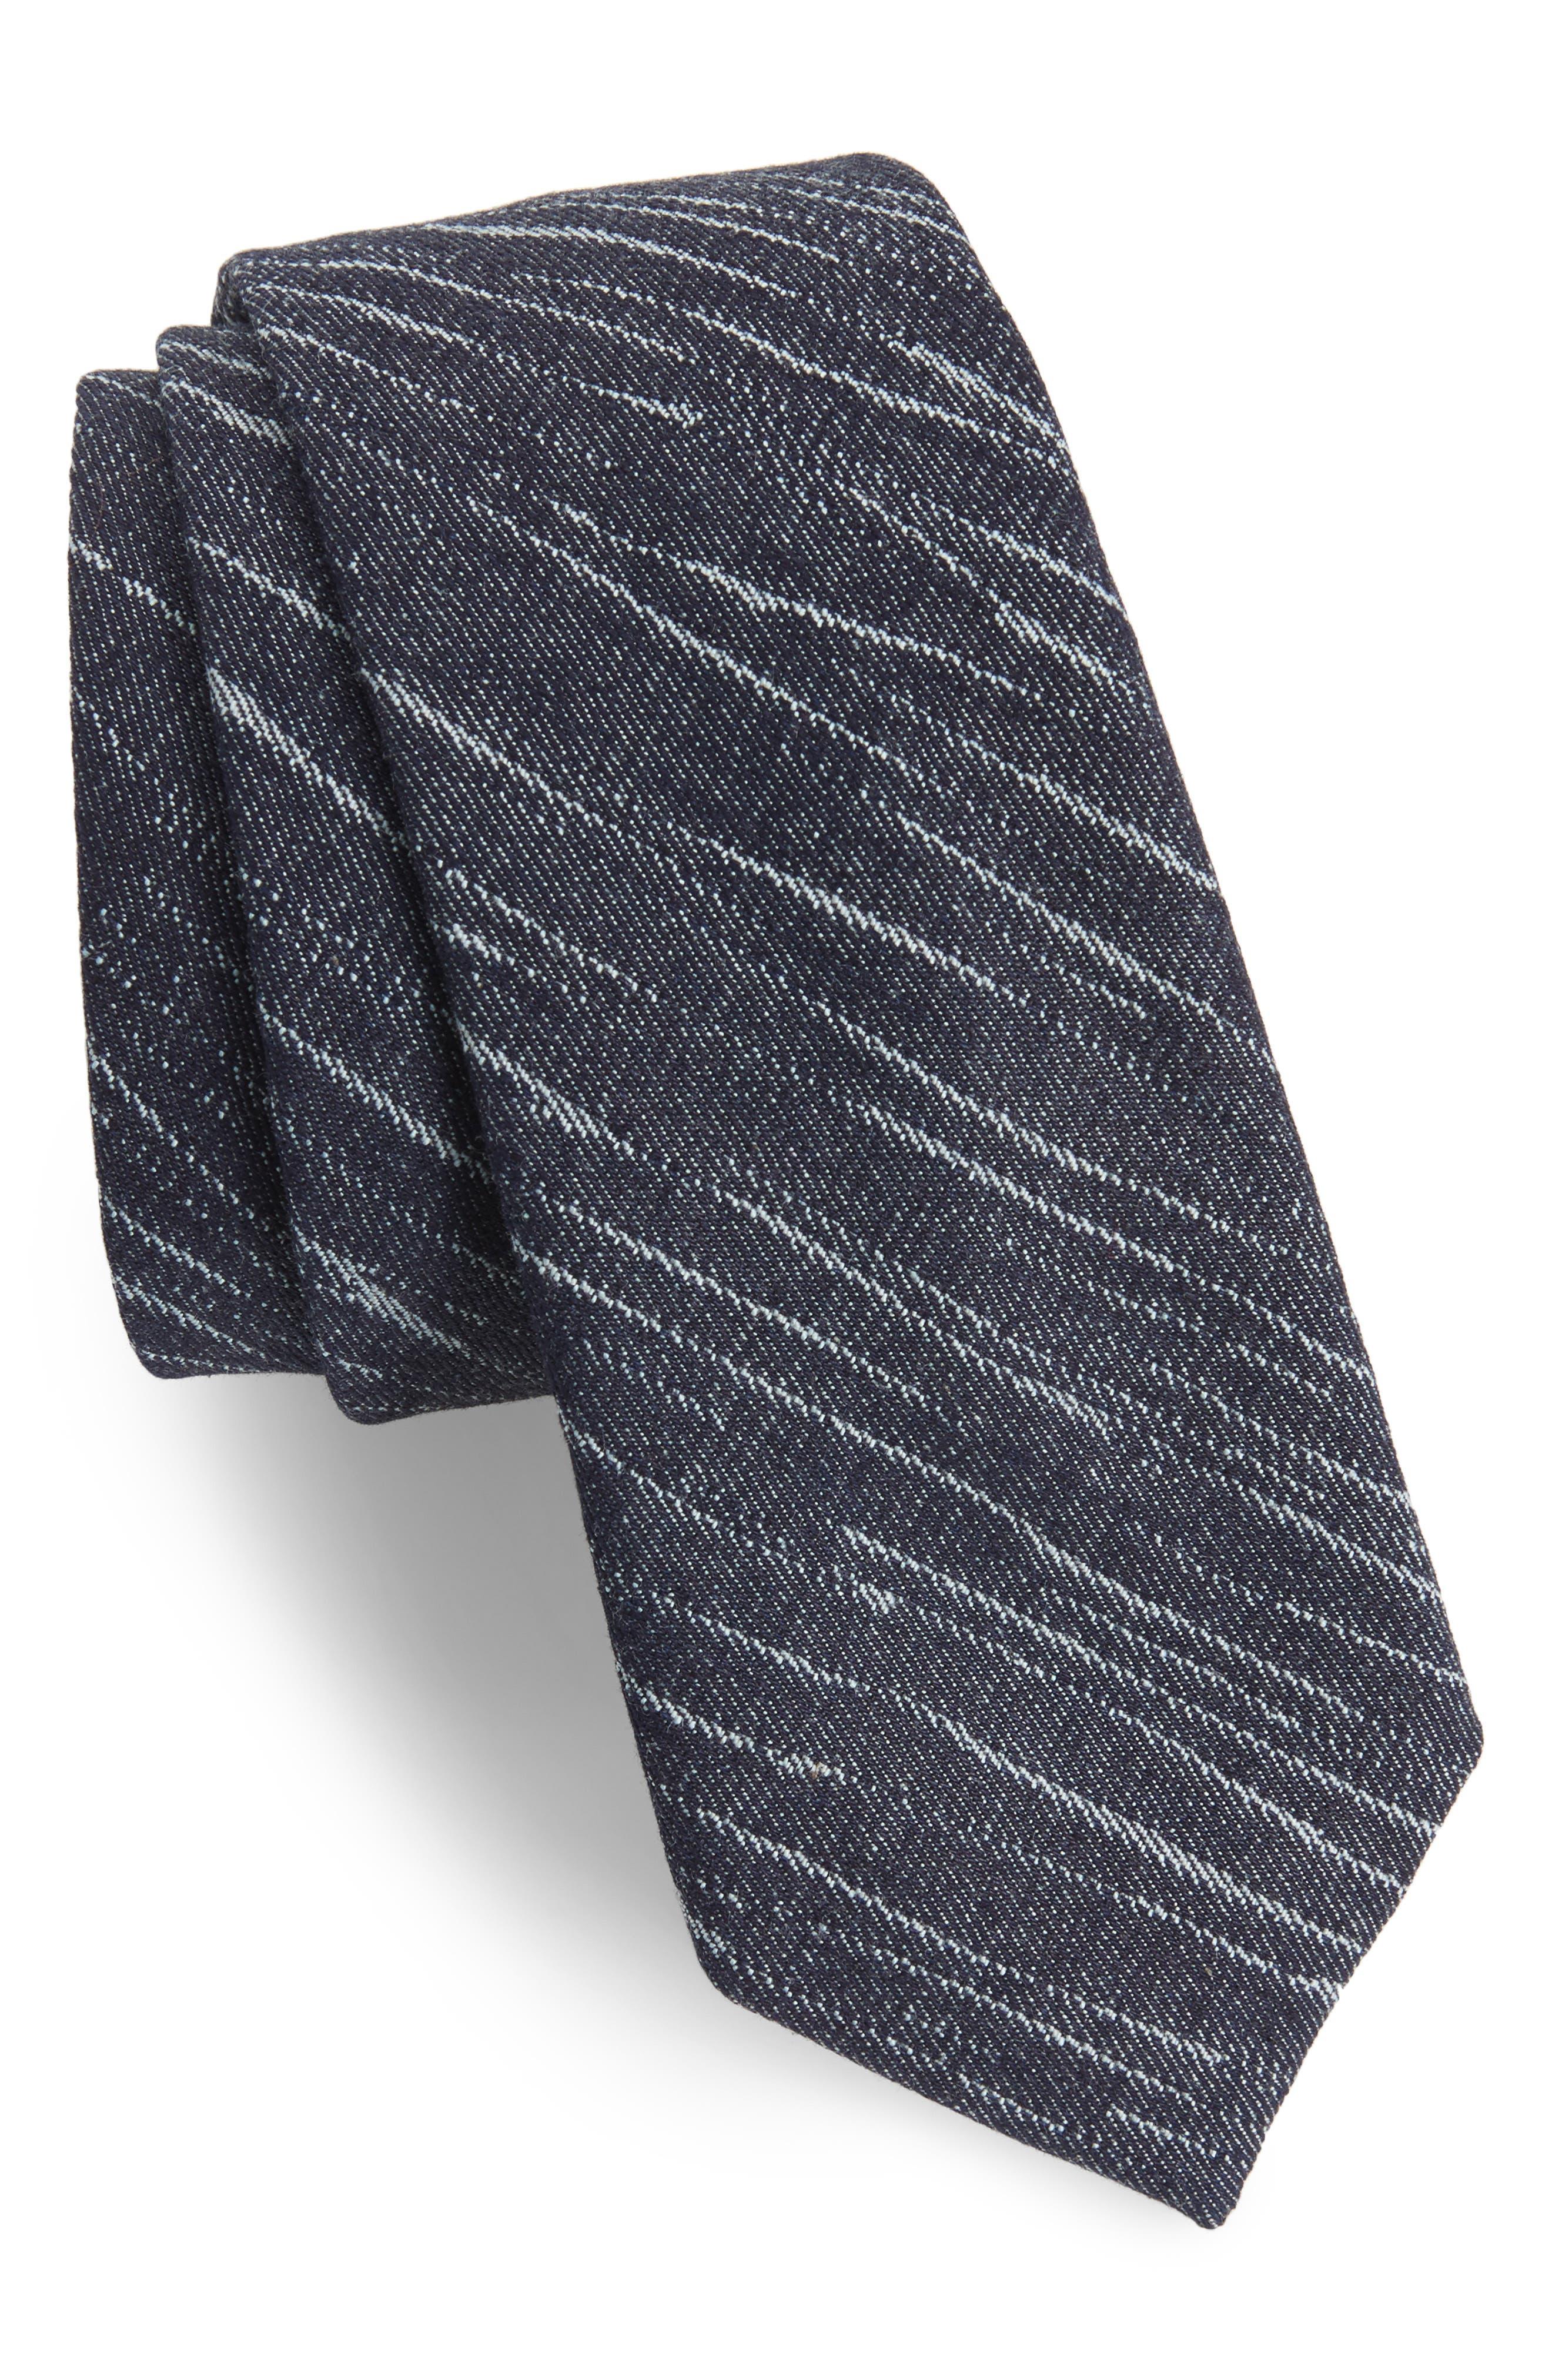 1901 Patchwork Denim Skinny Tie